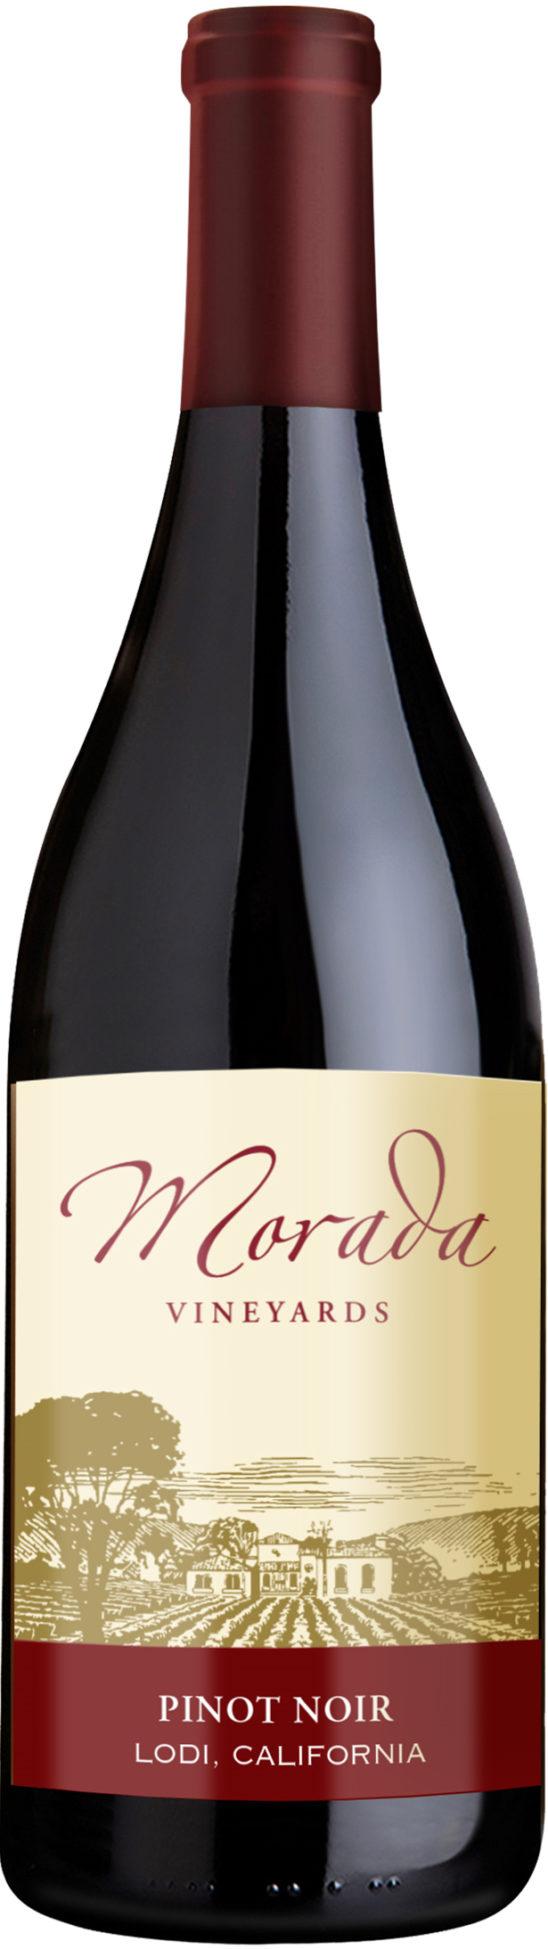 Morada Vineyards Pinot Noir